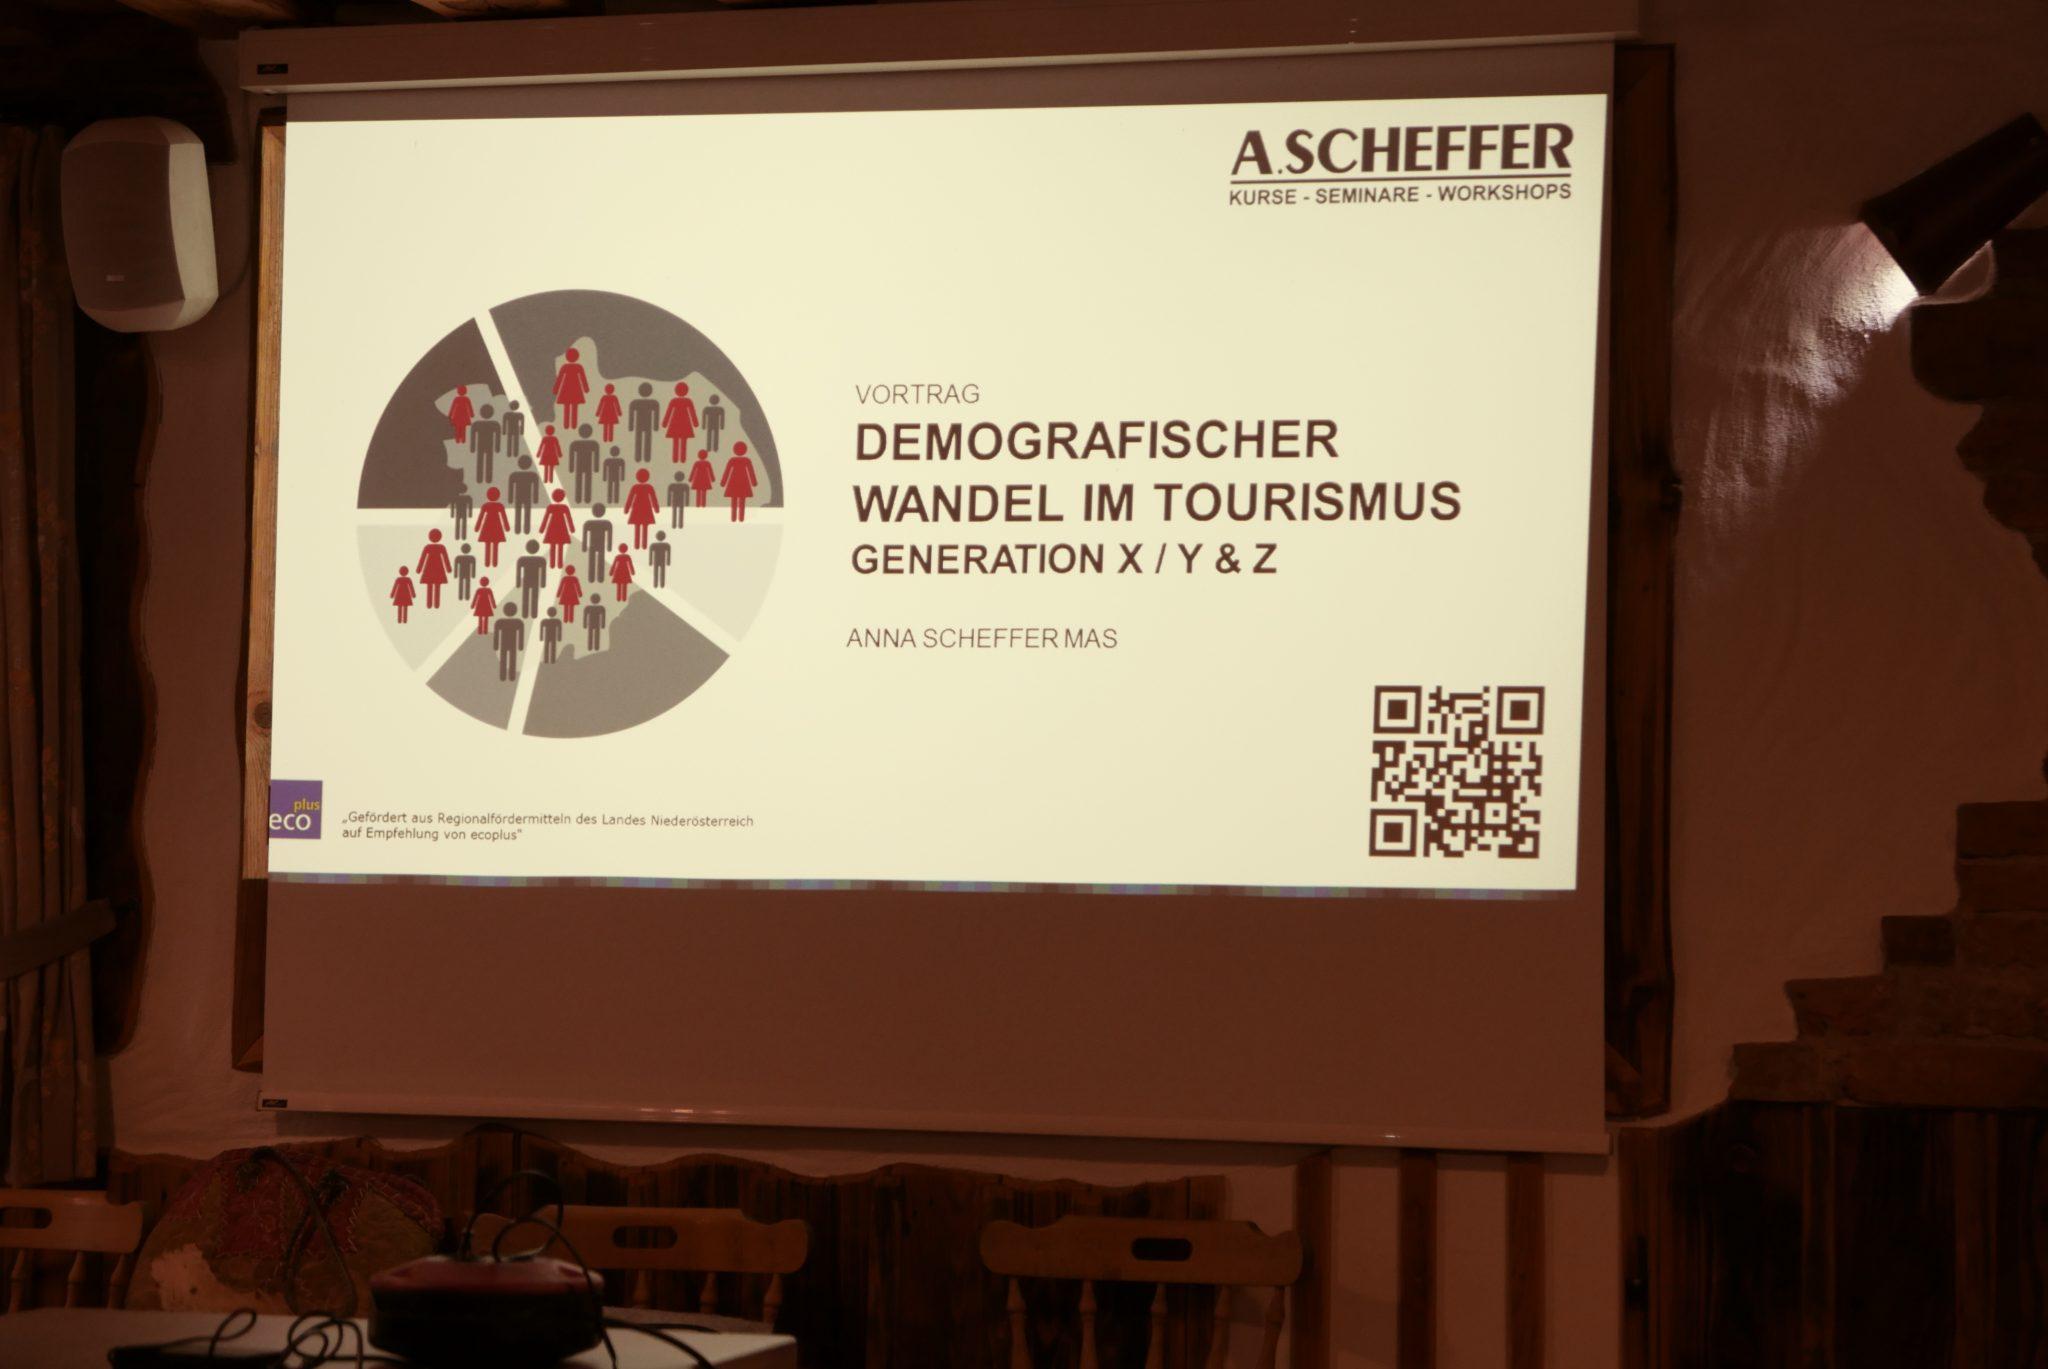 Demografischer Wandel im Tourismus – Generation X, Y & Z